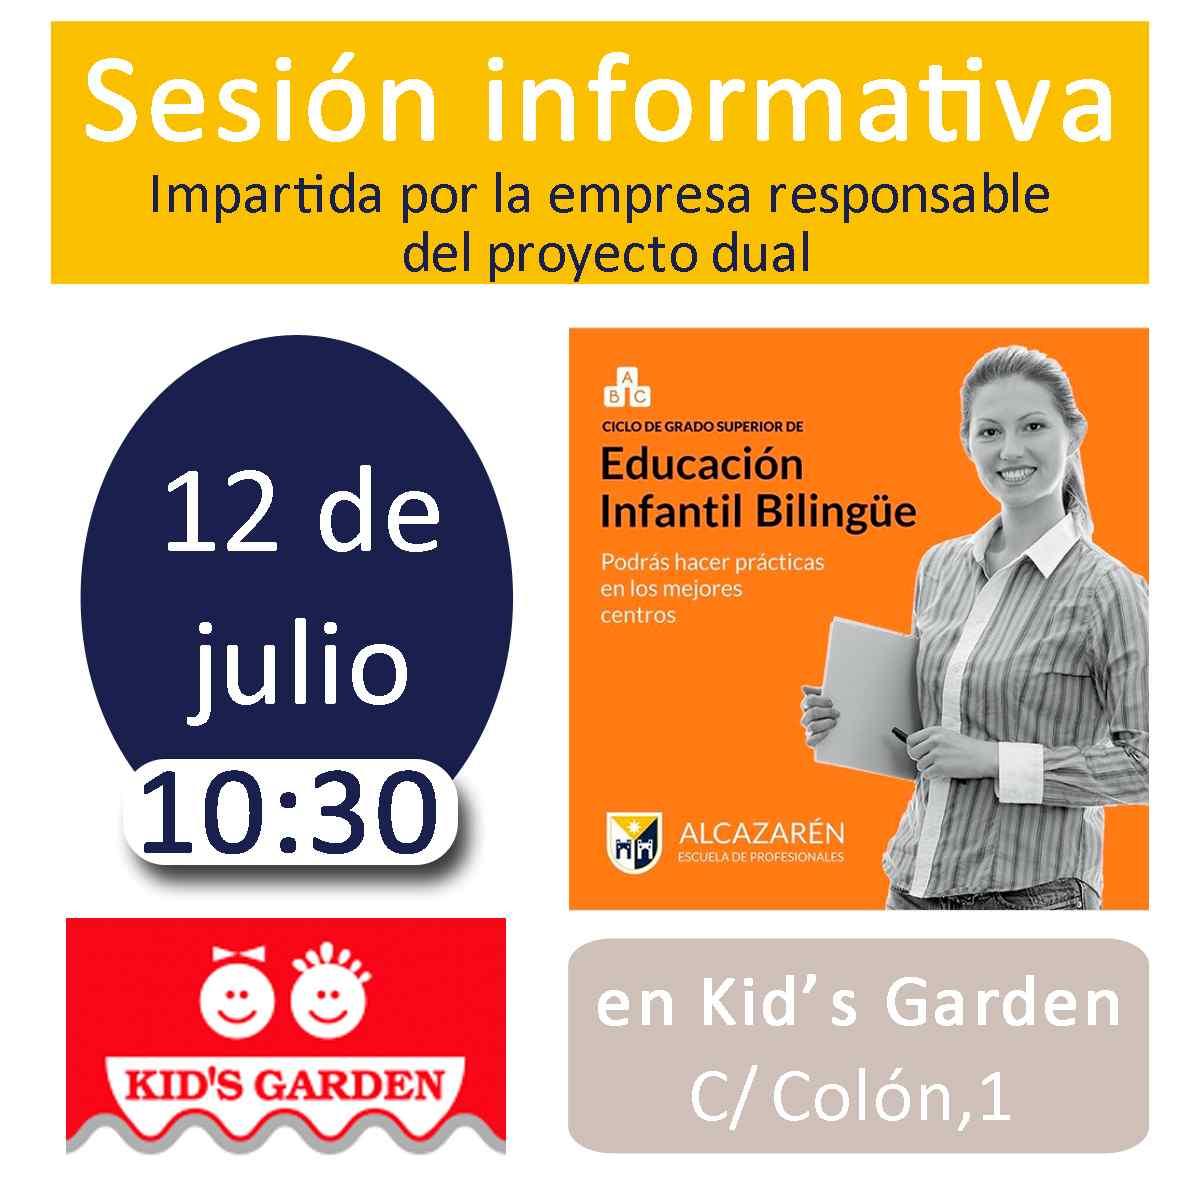 Sesión informativa sobre el proyecto dual del Grado Superior de Educación Infantil Bilingüe en Kid's Garden